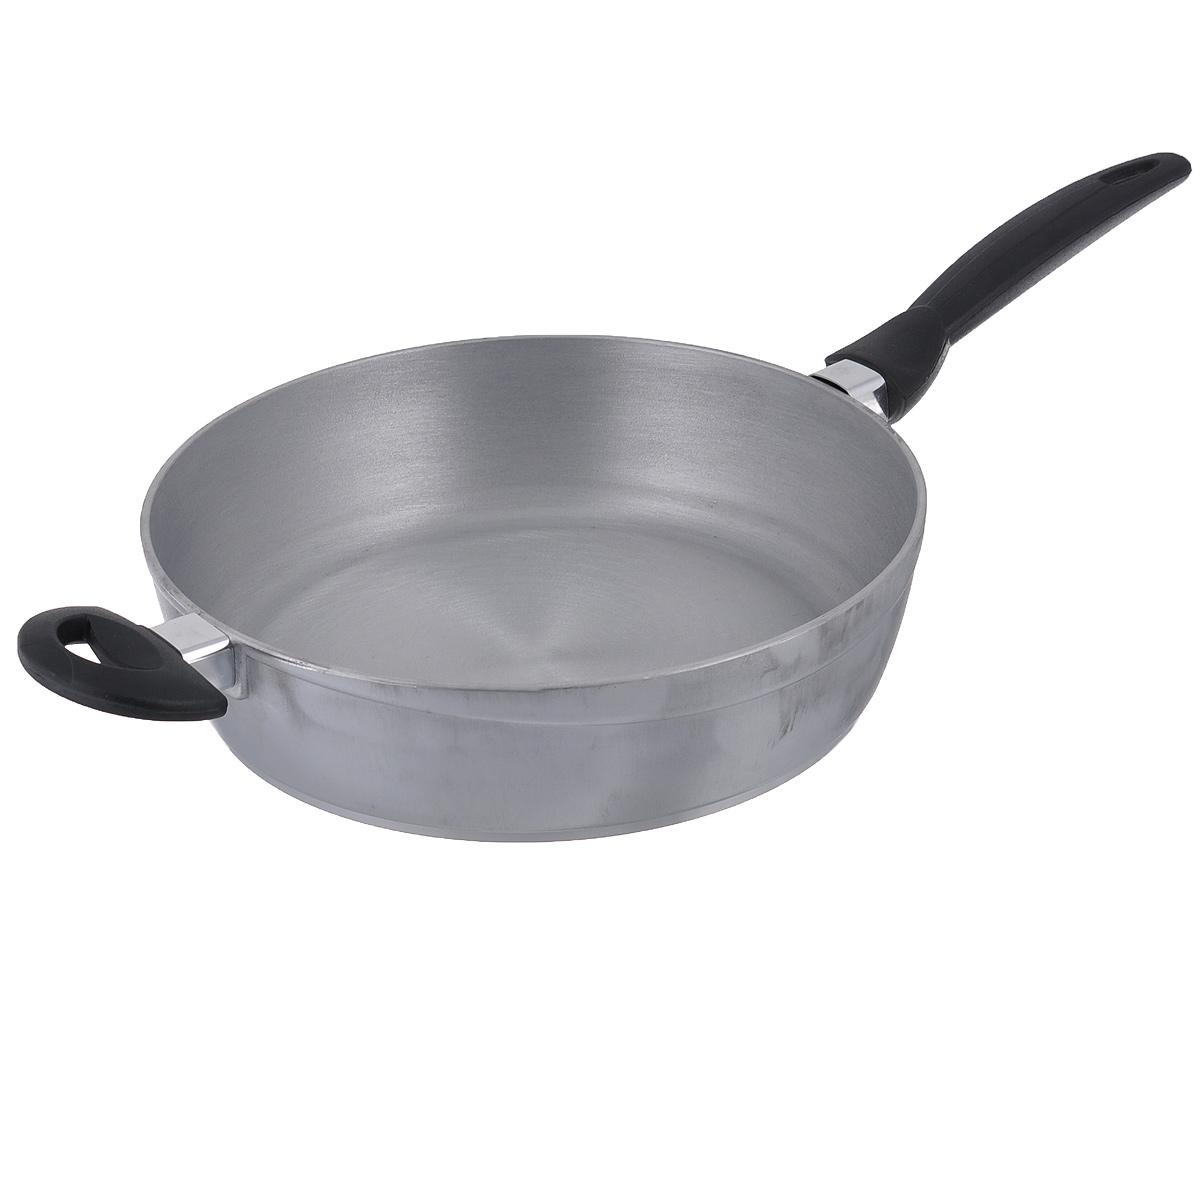 Сковорода SMS. Диаметр 28 см9528SMSСковорода SMS изготовлена из литого алюминия с матовой поверхностью. Посуда из такого материала обладает уникальными свойствами. Алюминий прочный и одновременно легкий материал, который идеально подходит для кухонной посуды. Алюминиевая посуда обладает высокой теплопроводностью - мгновенно нагревается, что способствует быстрой передаче тепла продуктам, готовящимся в ней. Поверхность невероятно прочная, устойчивая к появлению царапин. Сковорода оснащена удобными бакелитовыми ручками. Подходит для газовых и электрических плит. Можно мыть в посудомоечной машине.